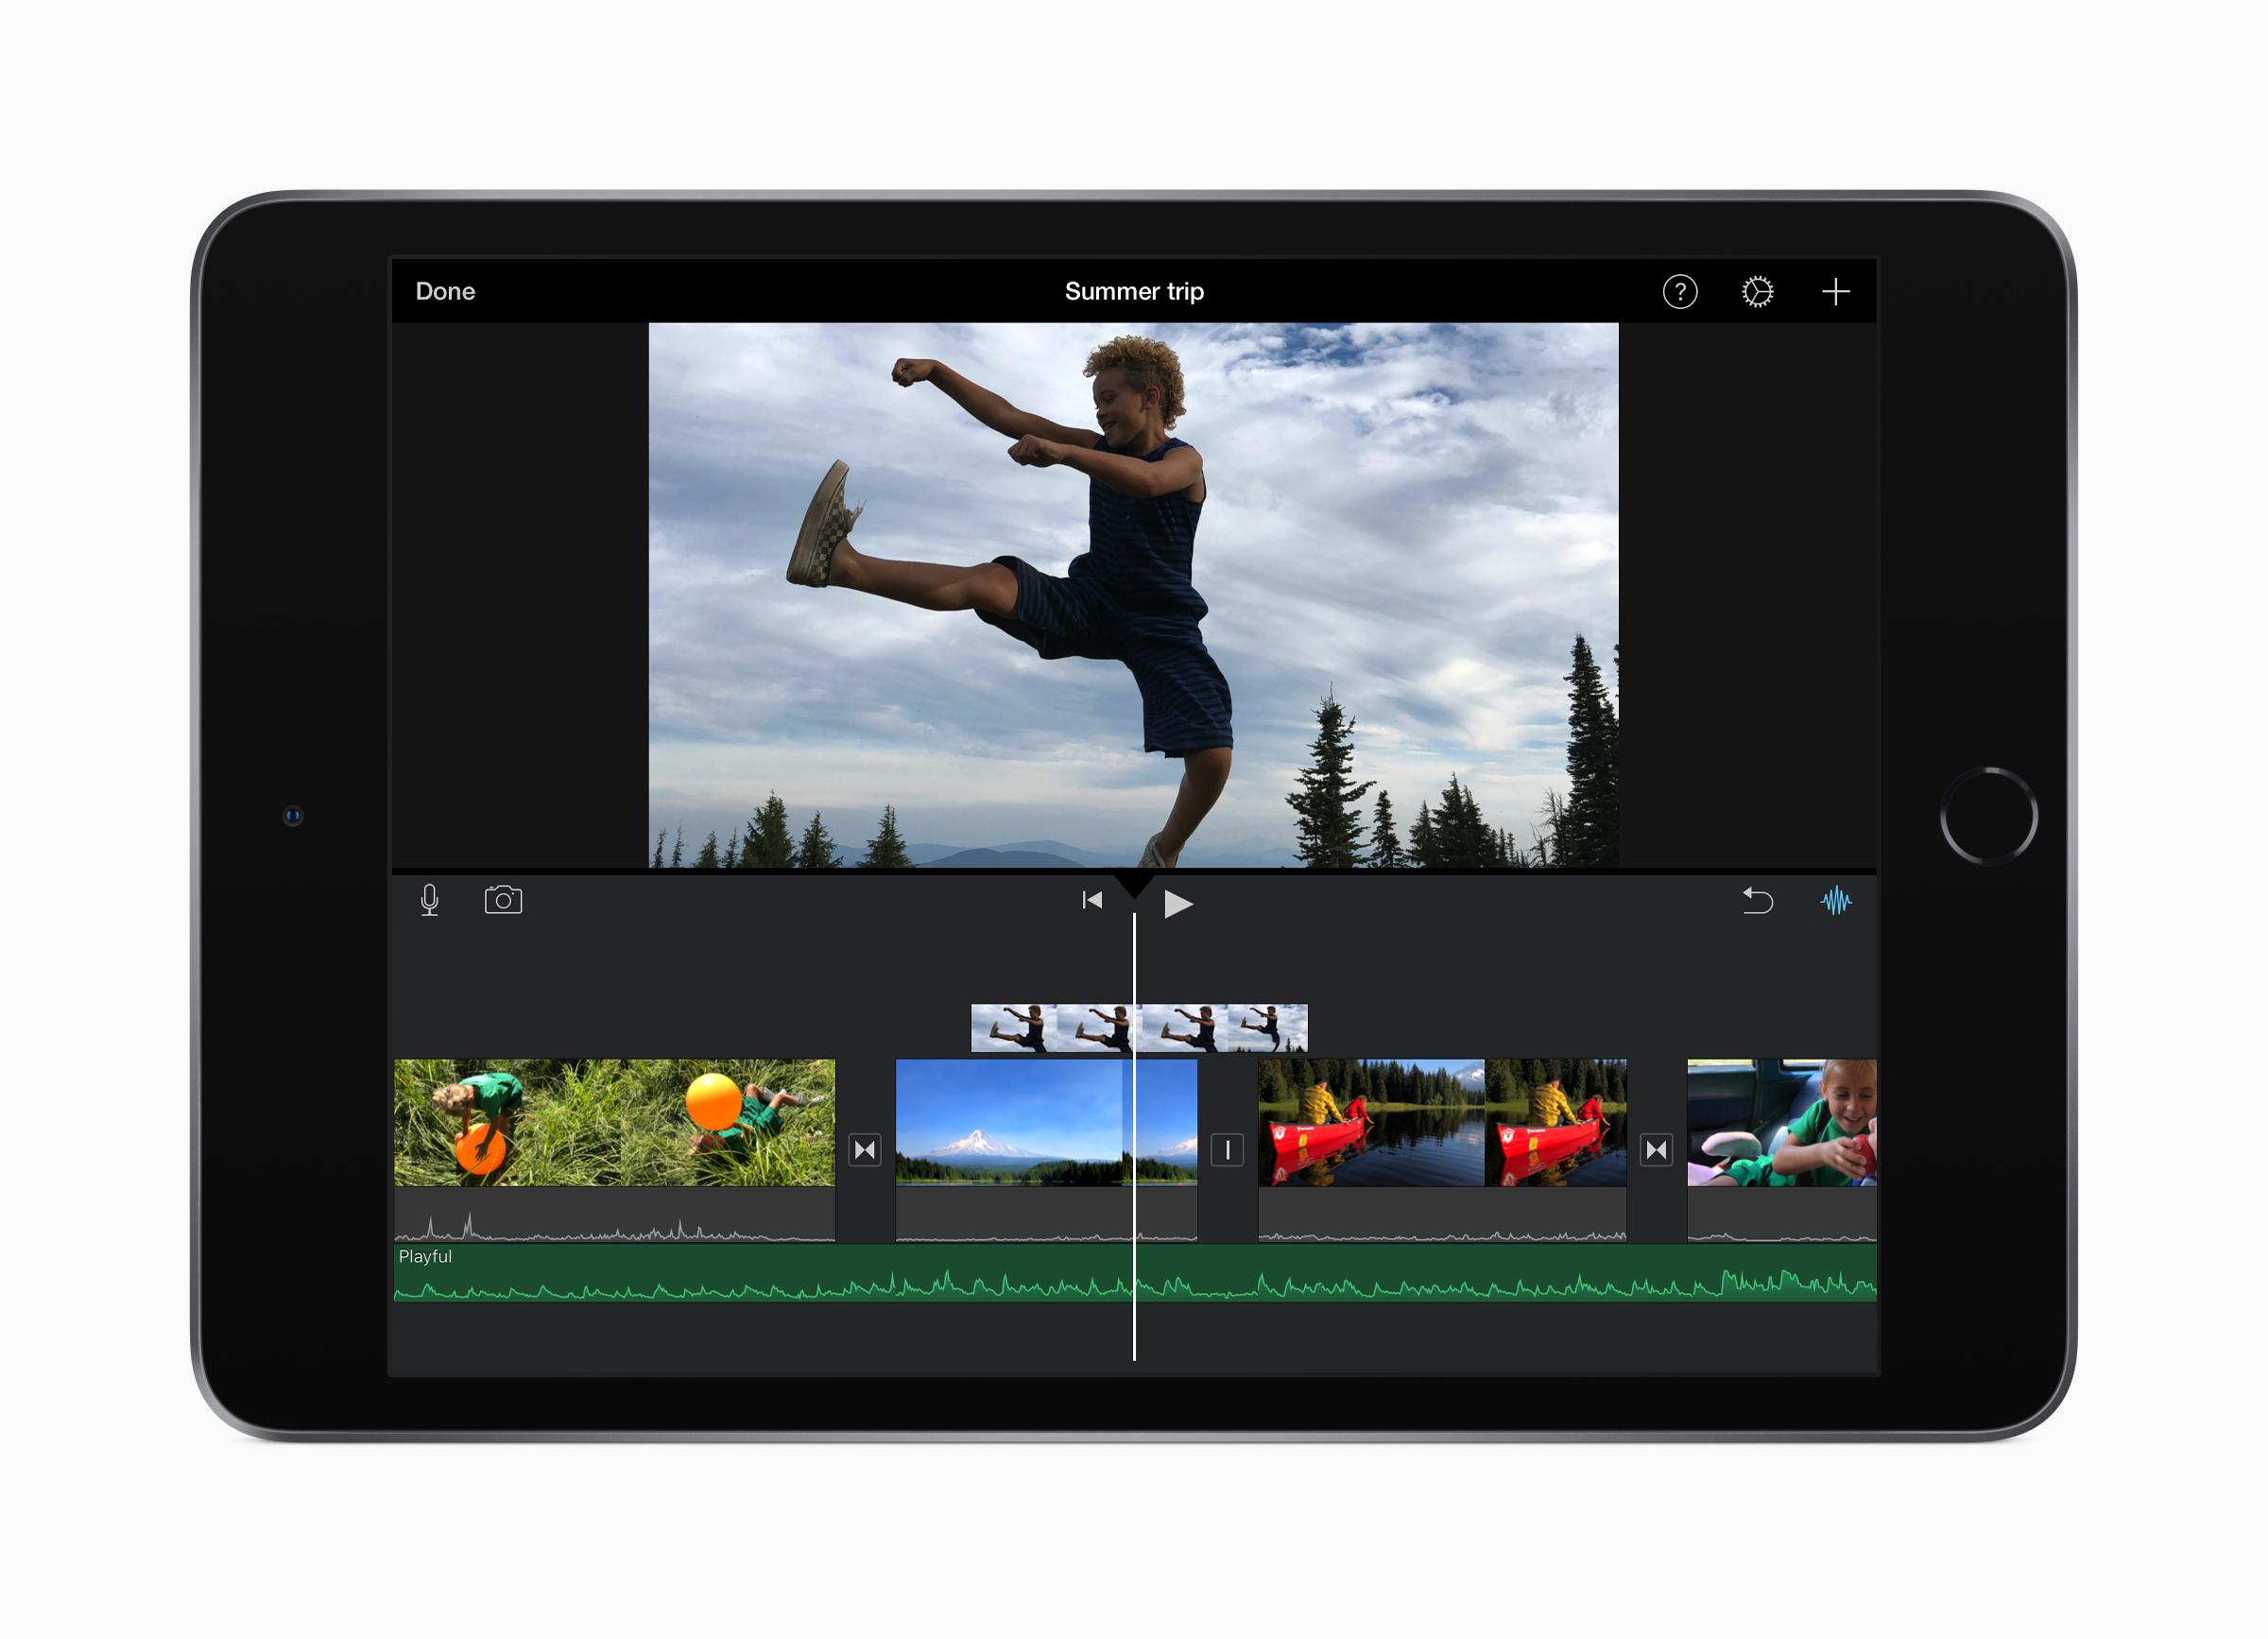 Apple-iPad Mini-iMovie